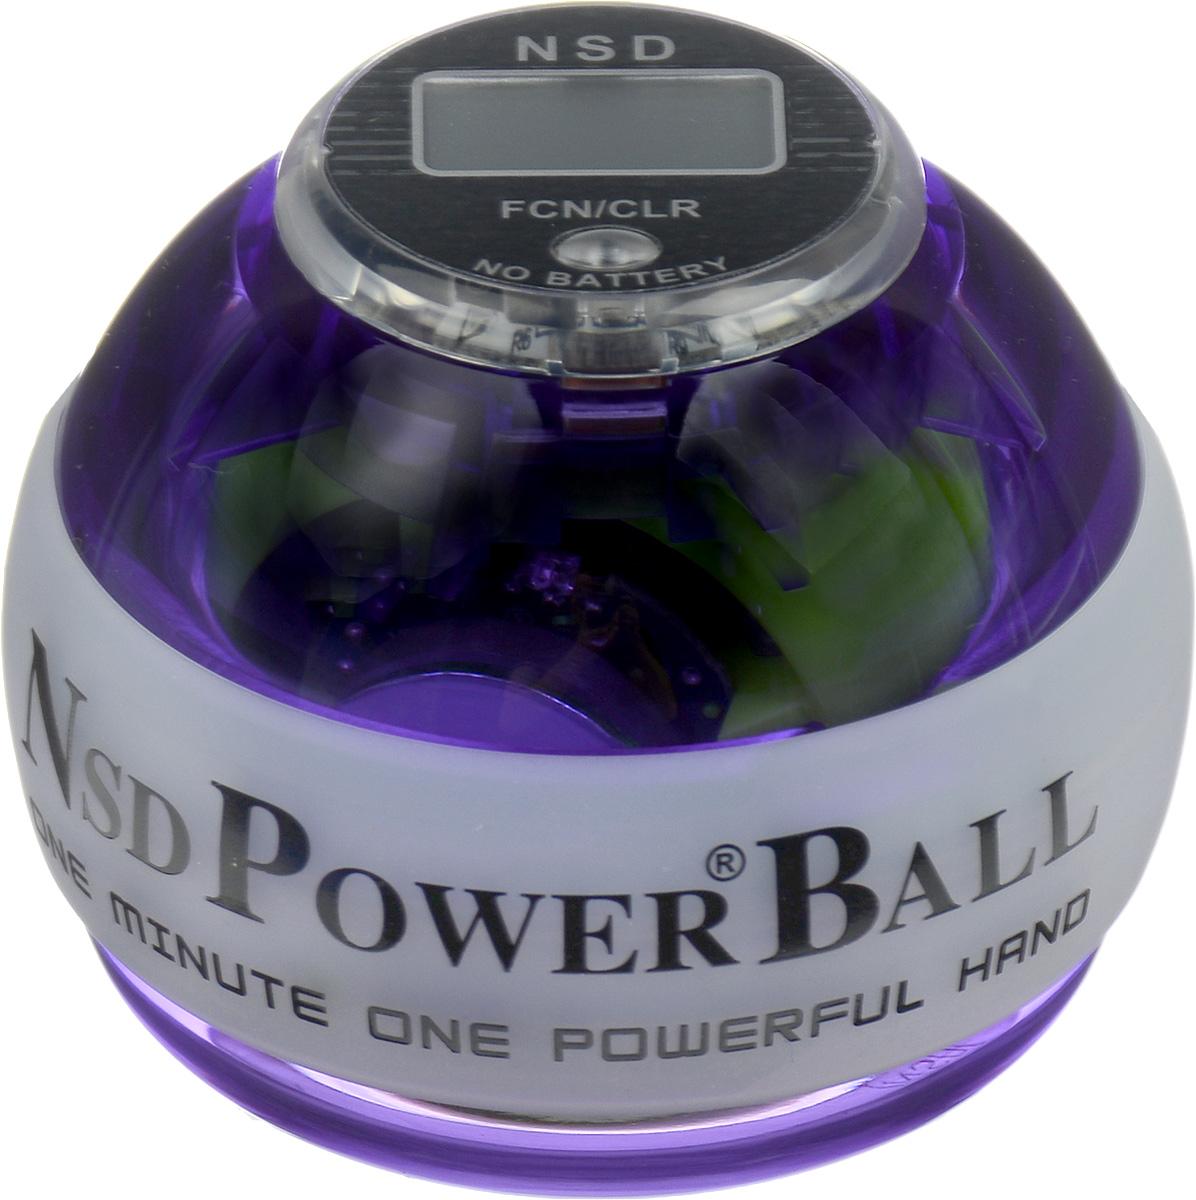 Тренажер Кистевой NSD Power Powerball Multi Light ProPB-688 MLCNSD Power Powerball Multi Light Pro - новая, улучшенная модель со встроенным счетчиком и яркой подсветкой хамелеон. Шар имеет светодиоды, которые горят за счет встроенной динамо-машины. При изменении скорости вращения тренажер светится тремя разными цветами. Модель прослужит вам гораздо дольше. Добиться этого удалось за счет материала с большей прочностью, и применения технологии, служащей для амортизации удара и поглощению его силы в случае падении тренажера. Кроме того, тренажер снабжен системой сменных колец, при помощи которых его можно быстро и без труда отремонтировать. Еще одним плюсом данной модели является счетчик, работающий без батареек. В комплект входят инструкция и два шнурка для раскрутки. Тренажер подходит как для развлечения, так и для постоянных тренировок или в виде разминки для полноценной спортивной тренировки. Размер тренажера: 6 х 7,5 см.